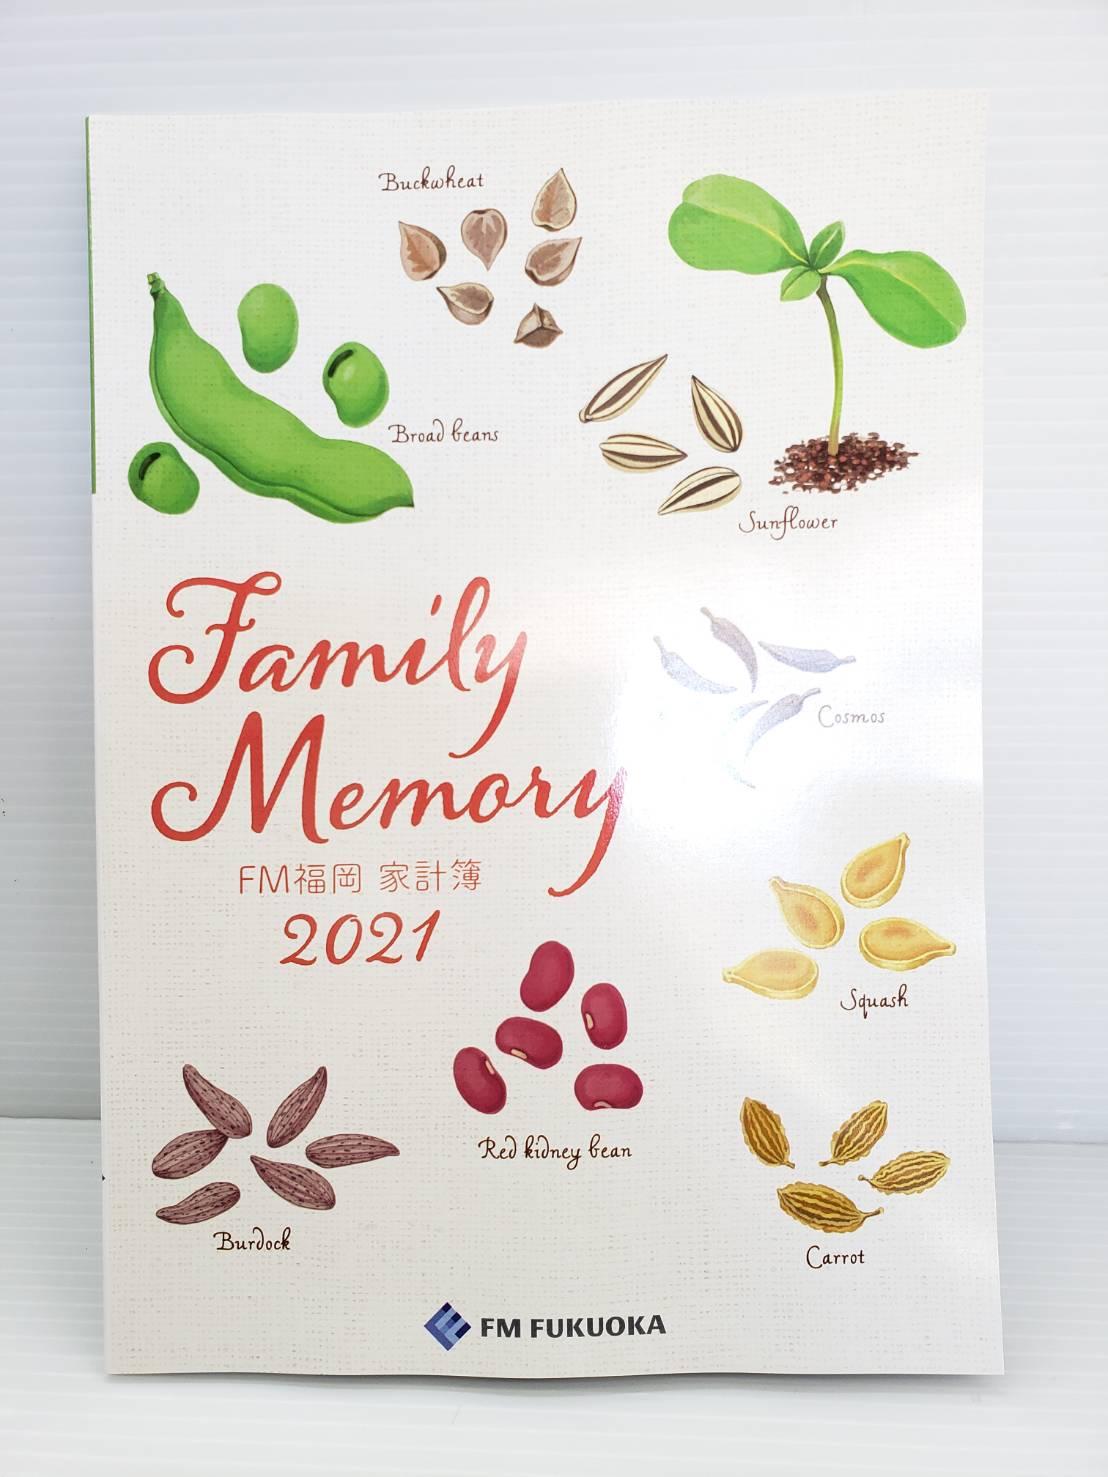 2021年度版 FM福岡 家計簿 今年も入荷しました!